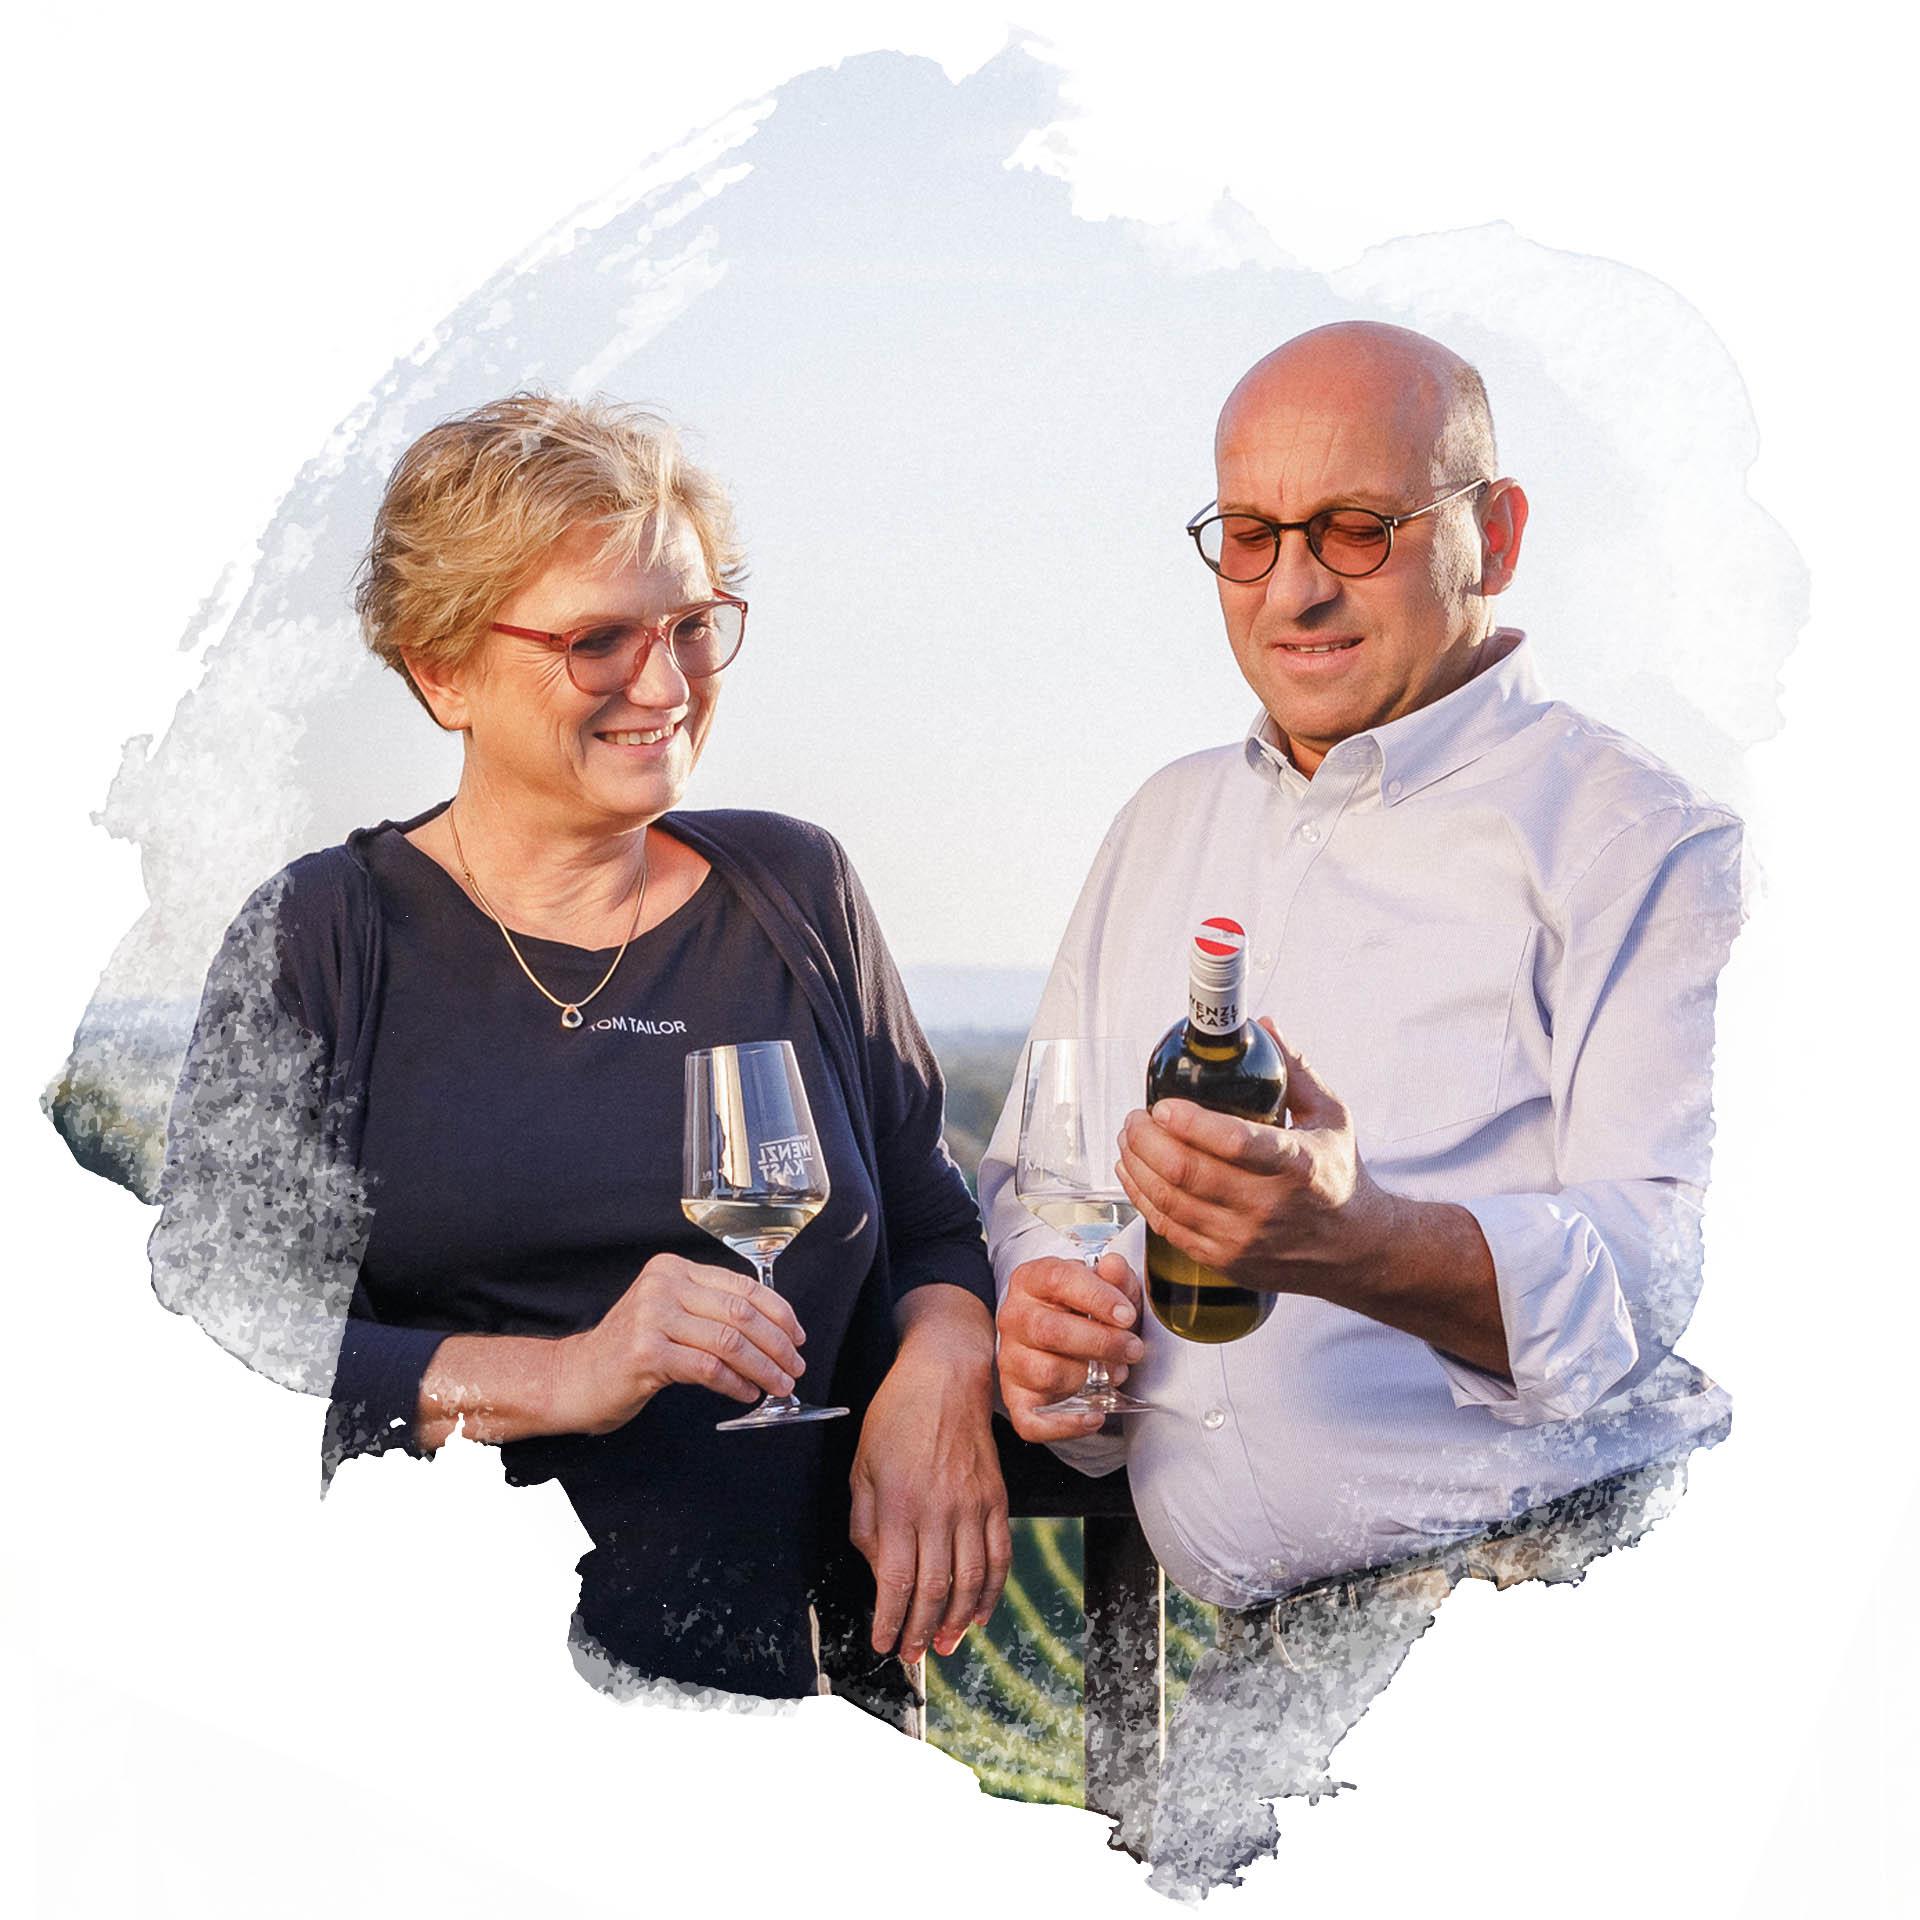 Weingut Wenzl-Kast – Ingrid & Harald Wenzl-Kast